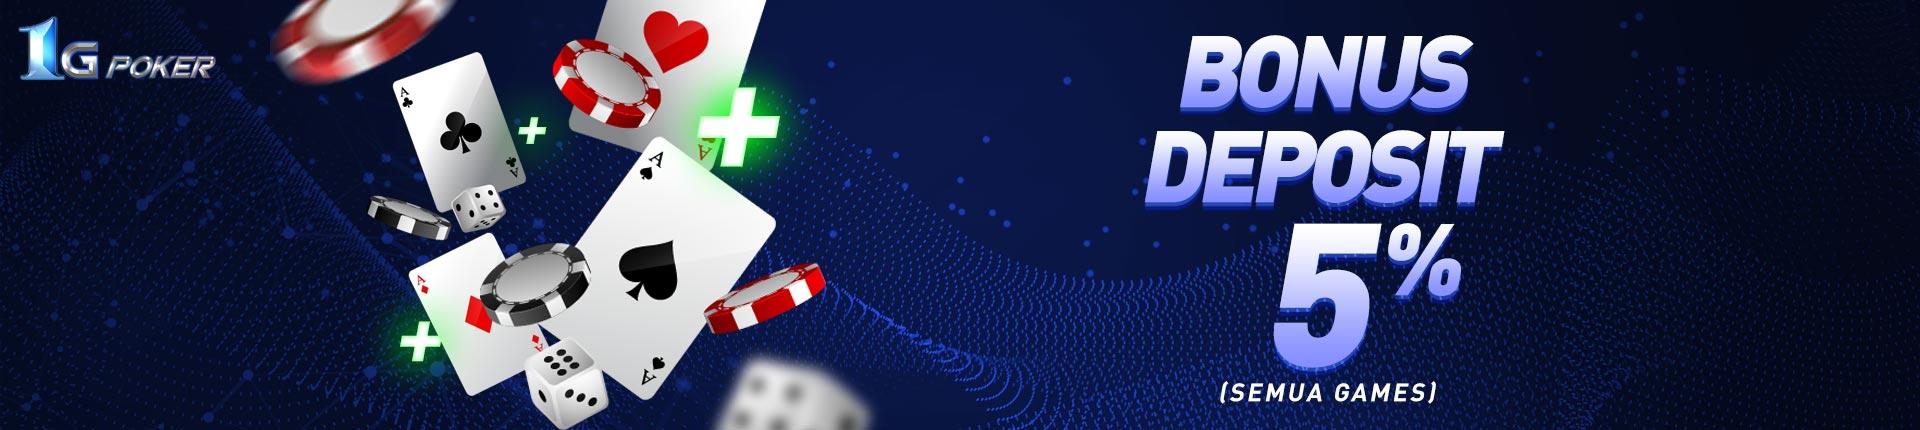 1G Poker promo